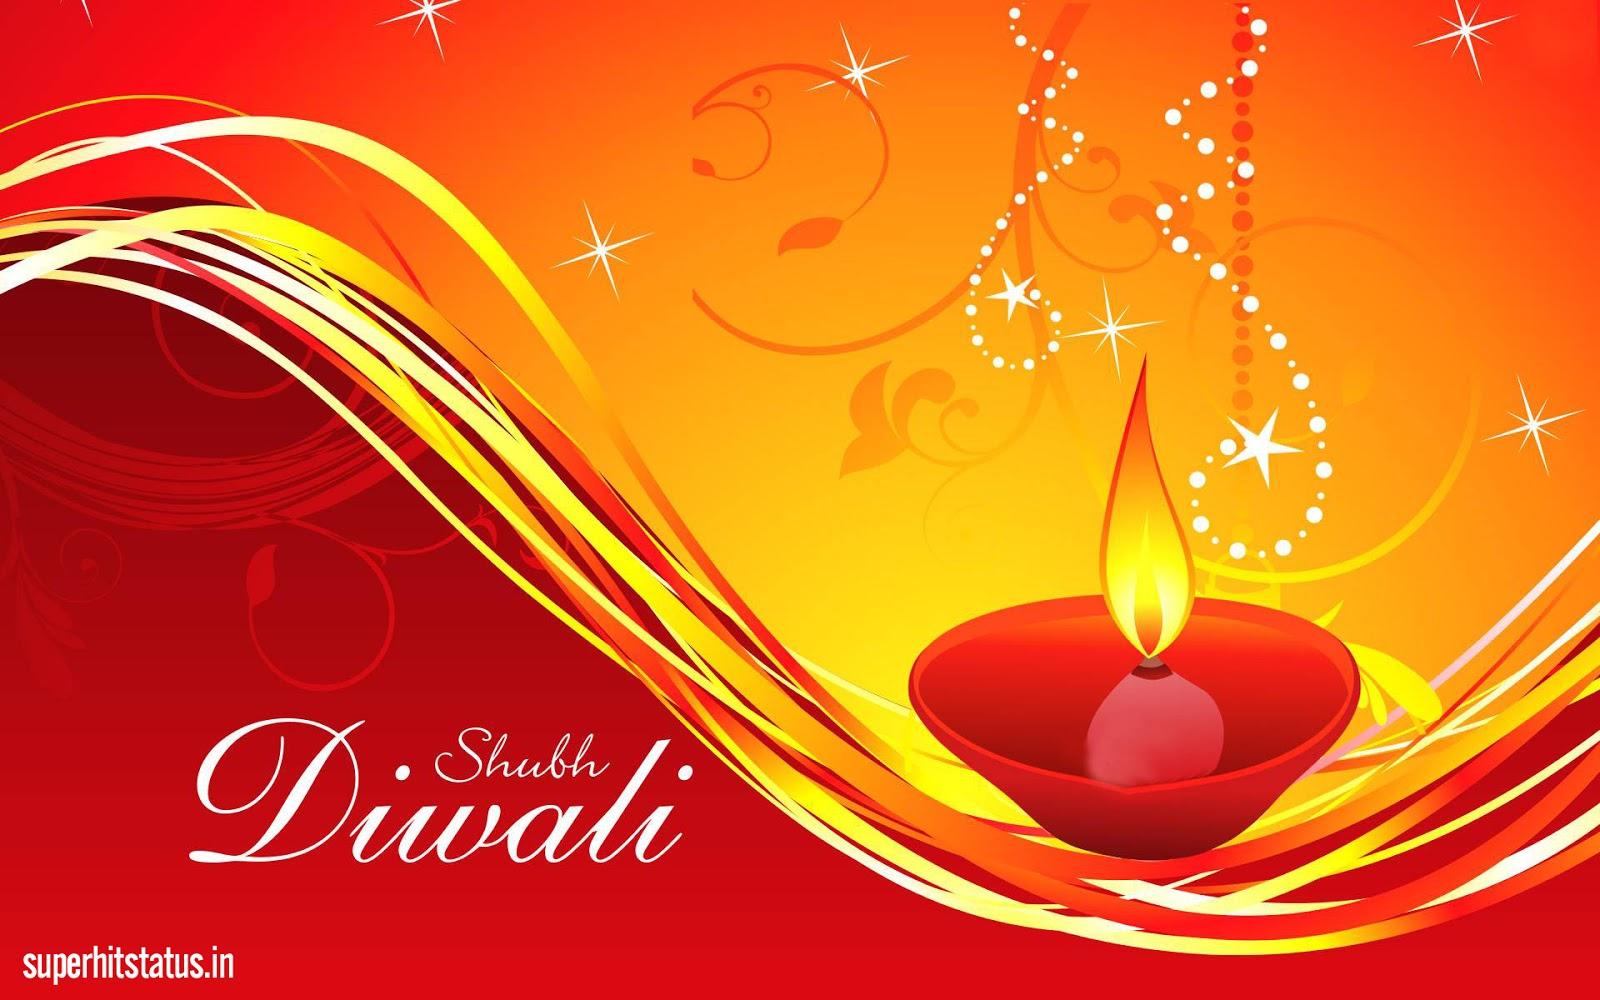 Happy Diwali Images Wallpapers Diwali Greetings